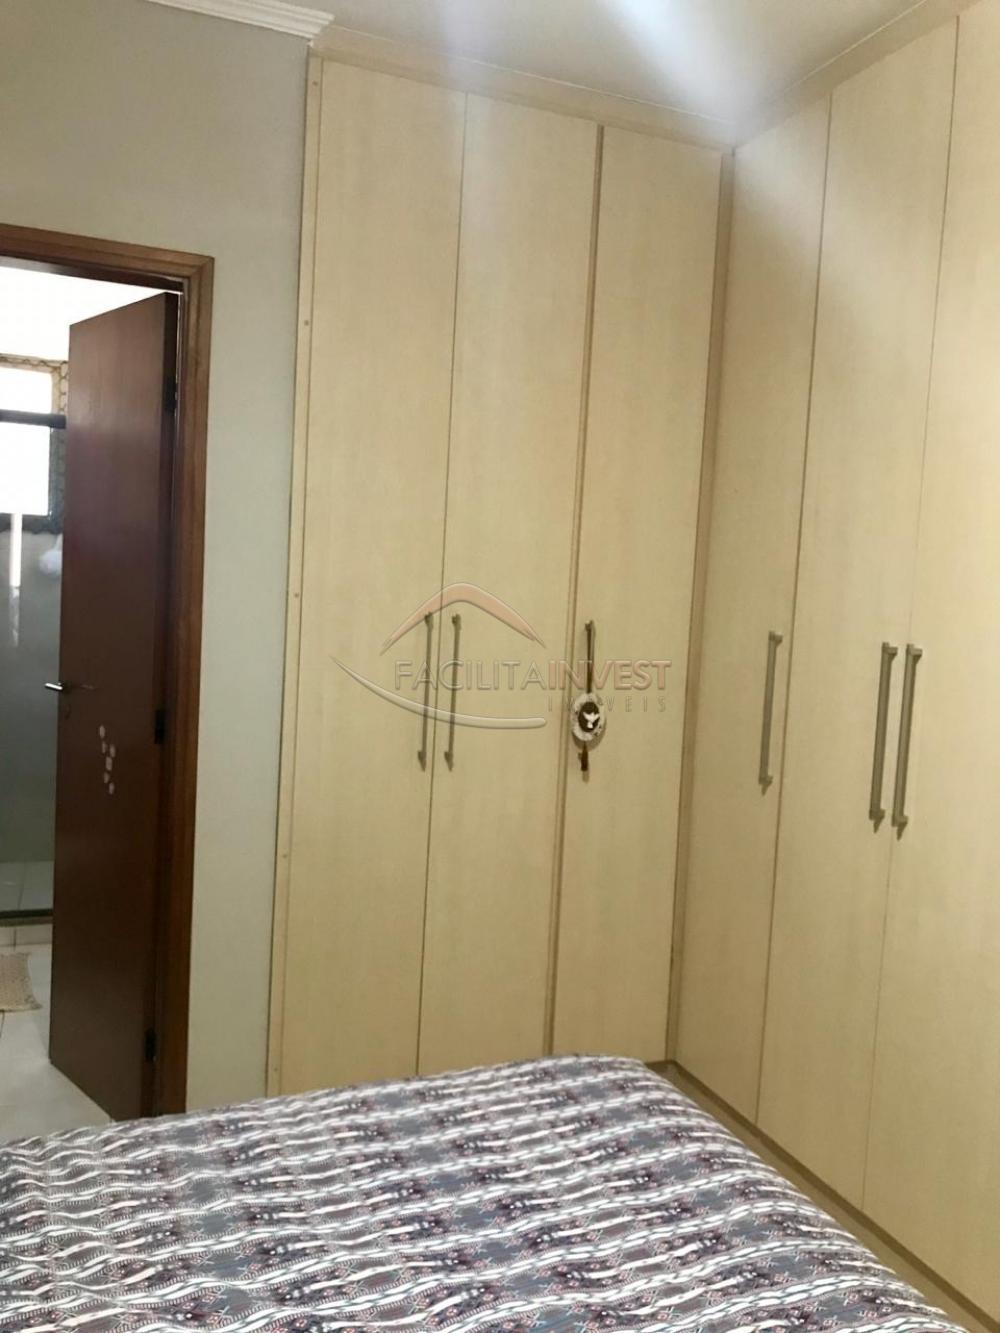 Comprar Apartamentos / Apart. Padrão em Ribeirão Preto apenas R$ 450.000,00 - Foto 17